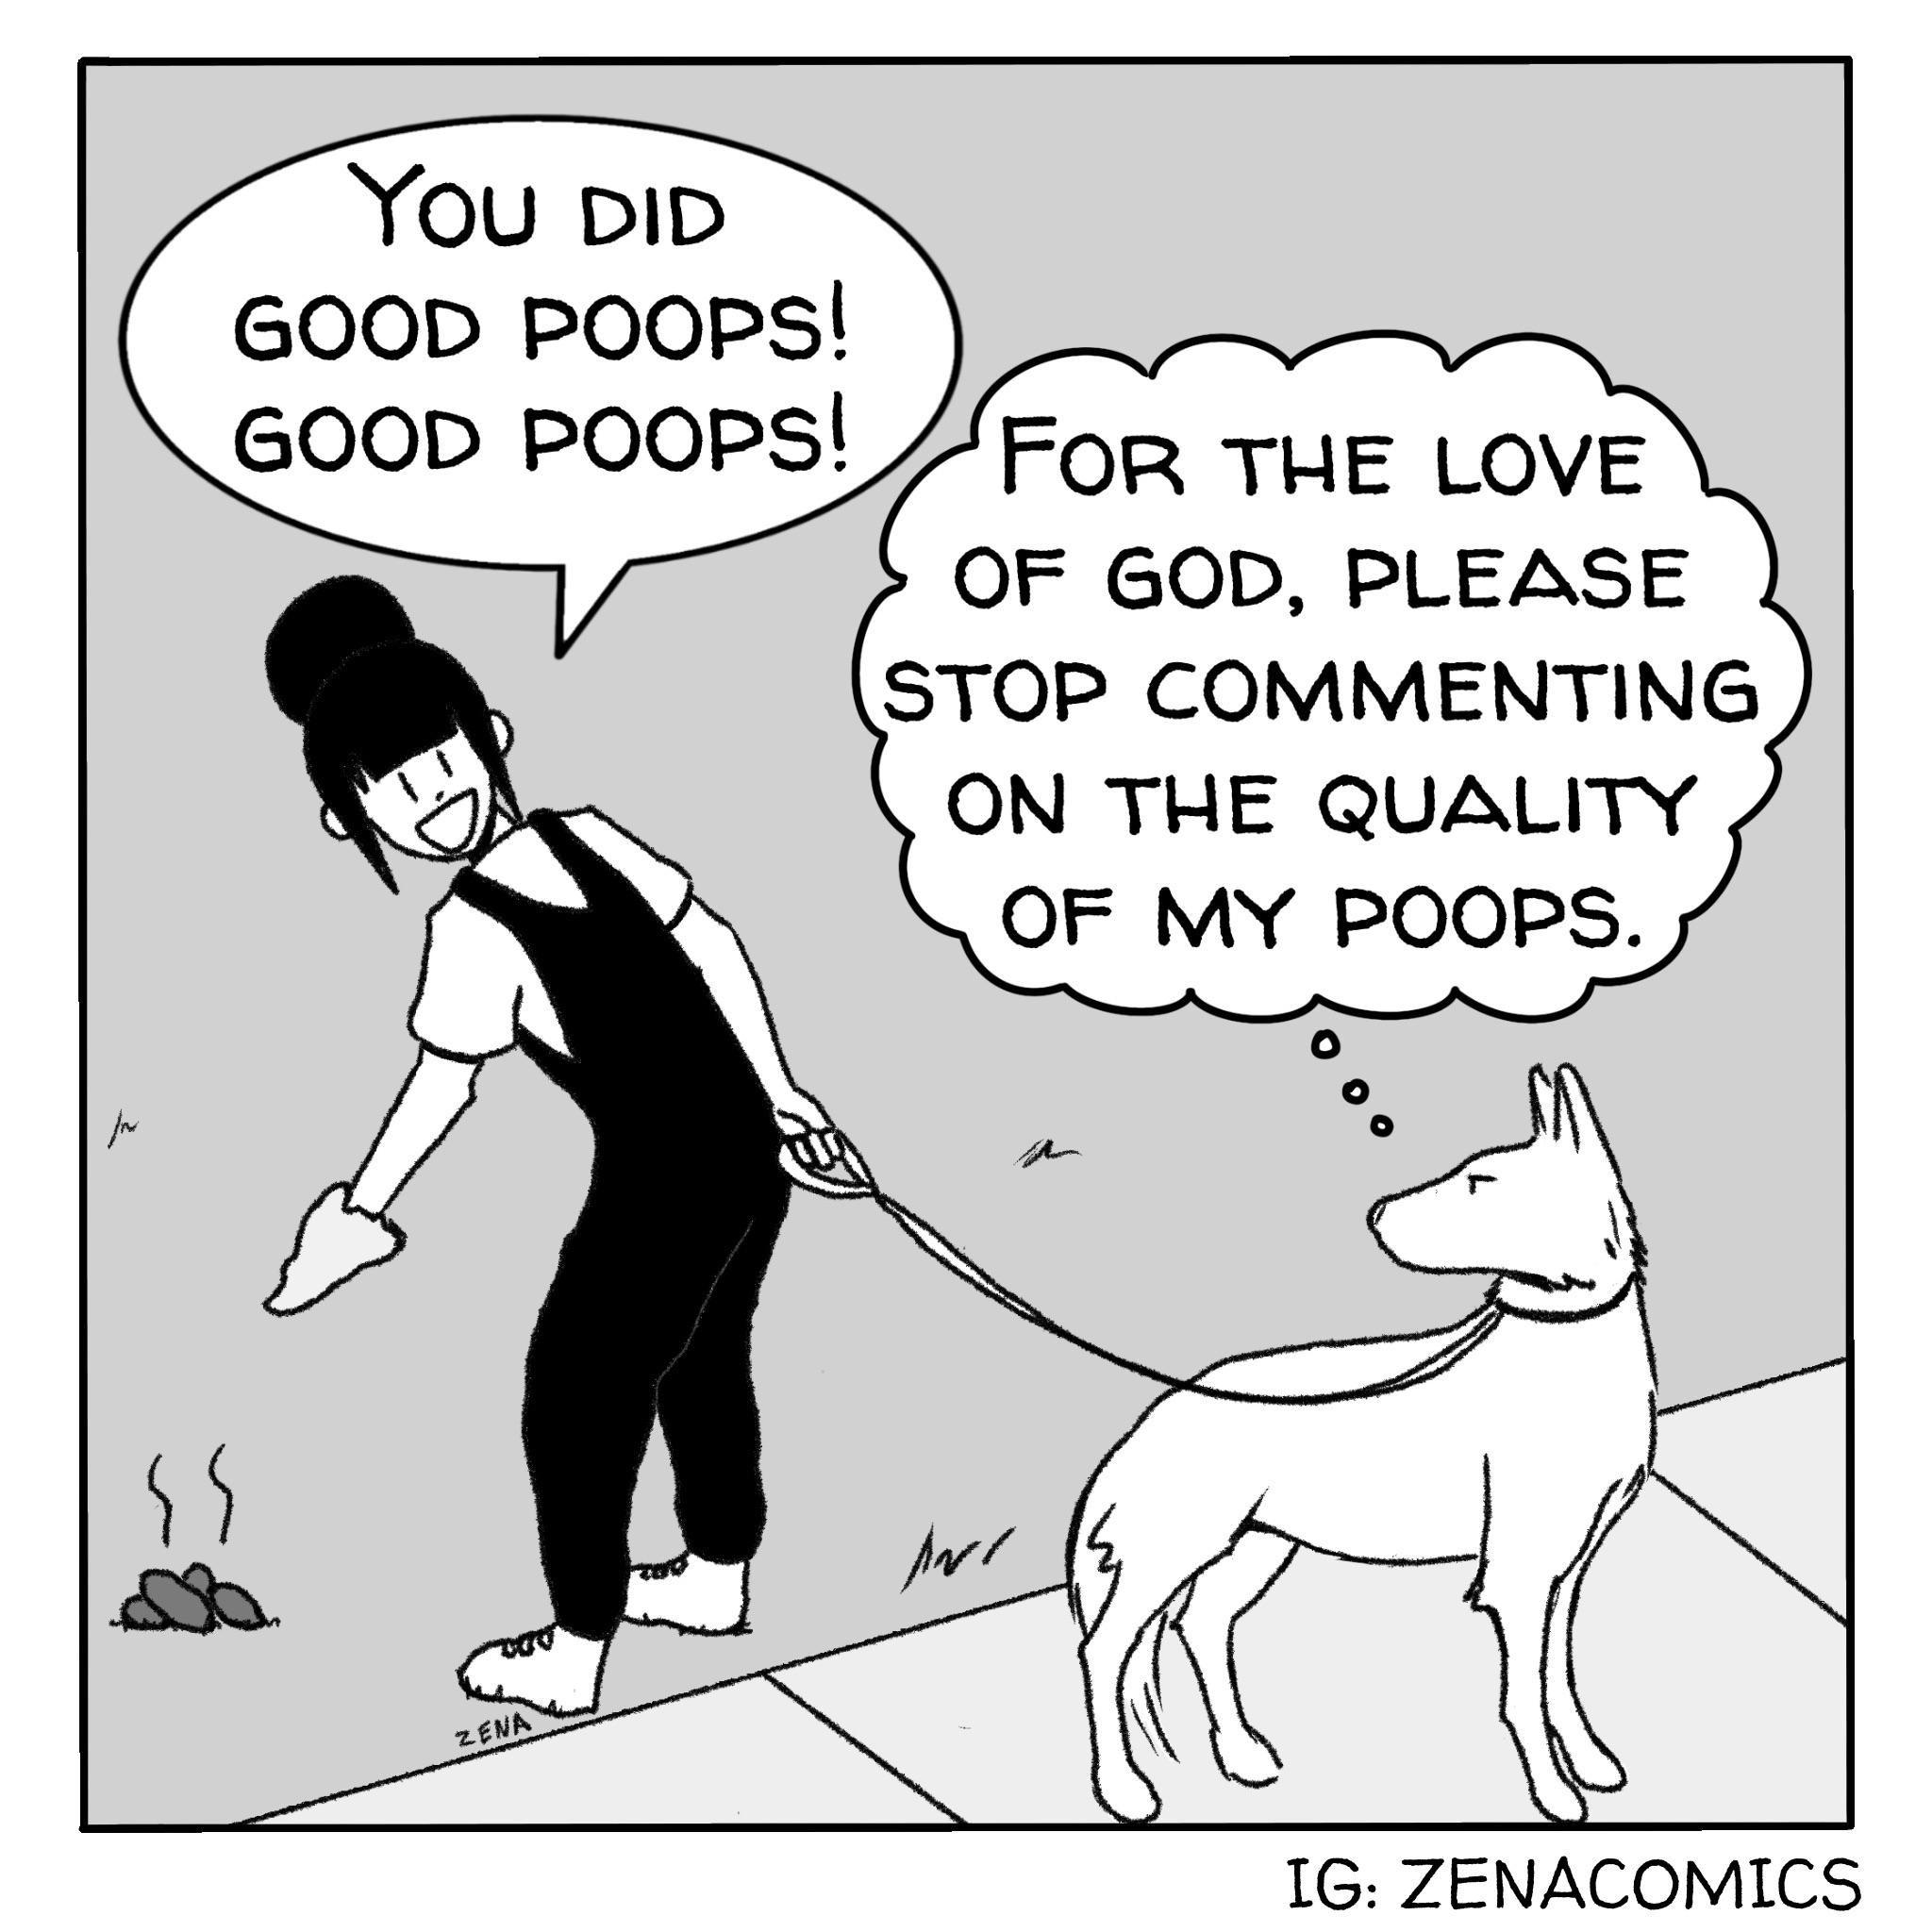 Good poops!